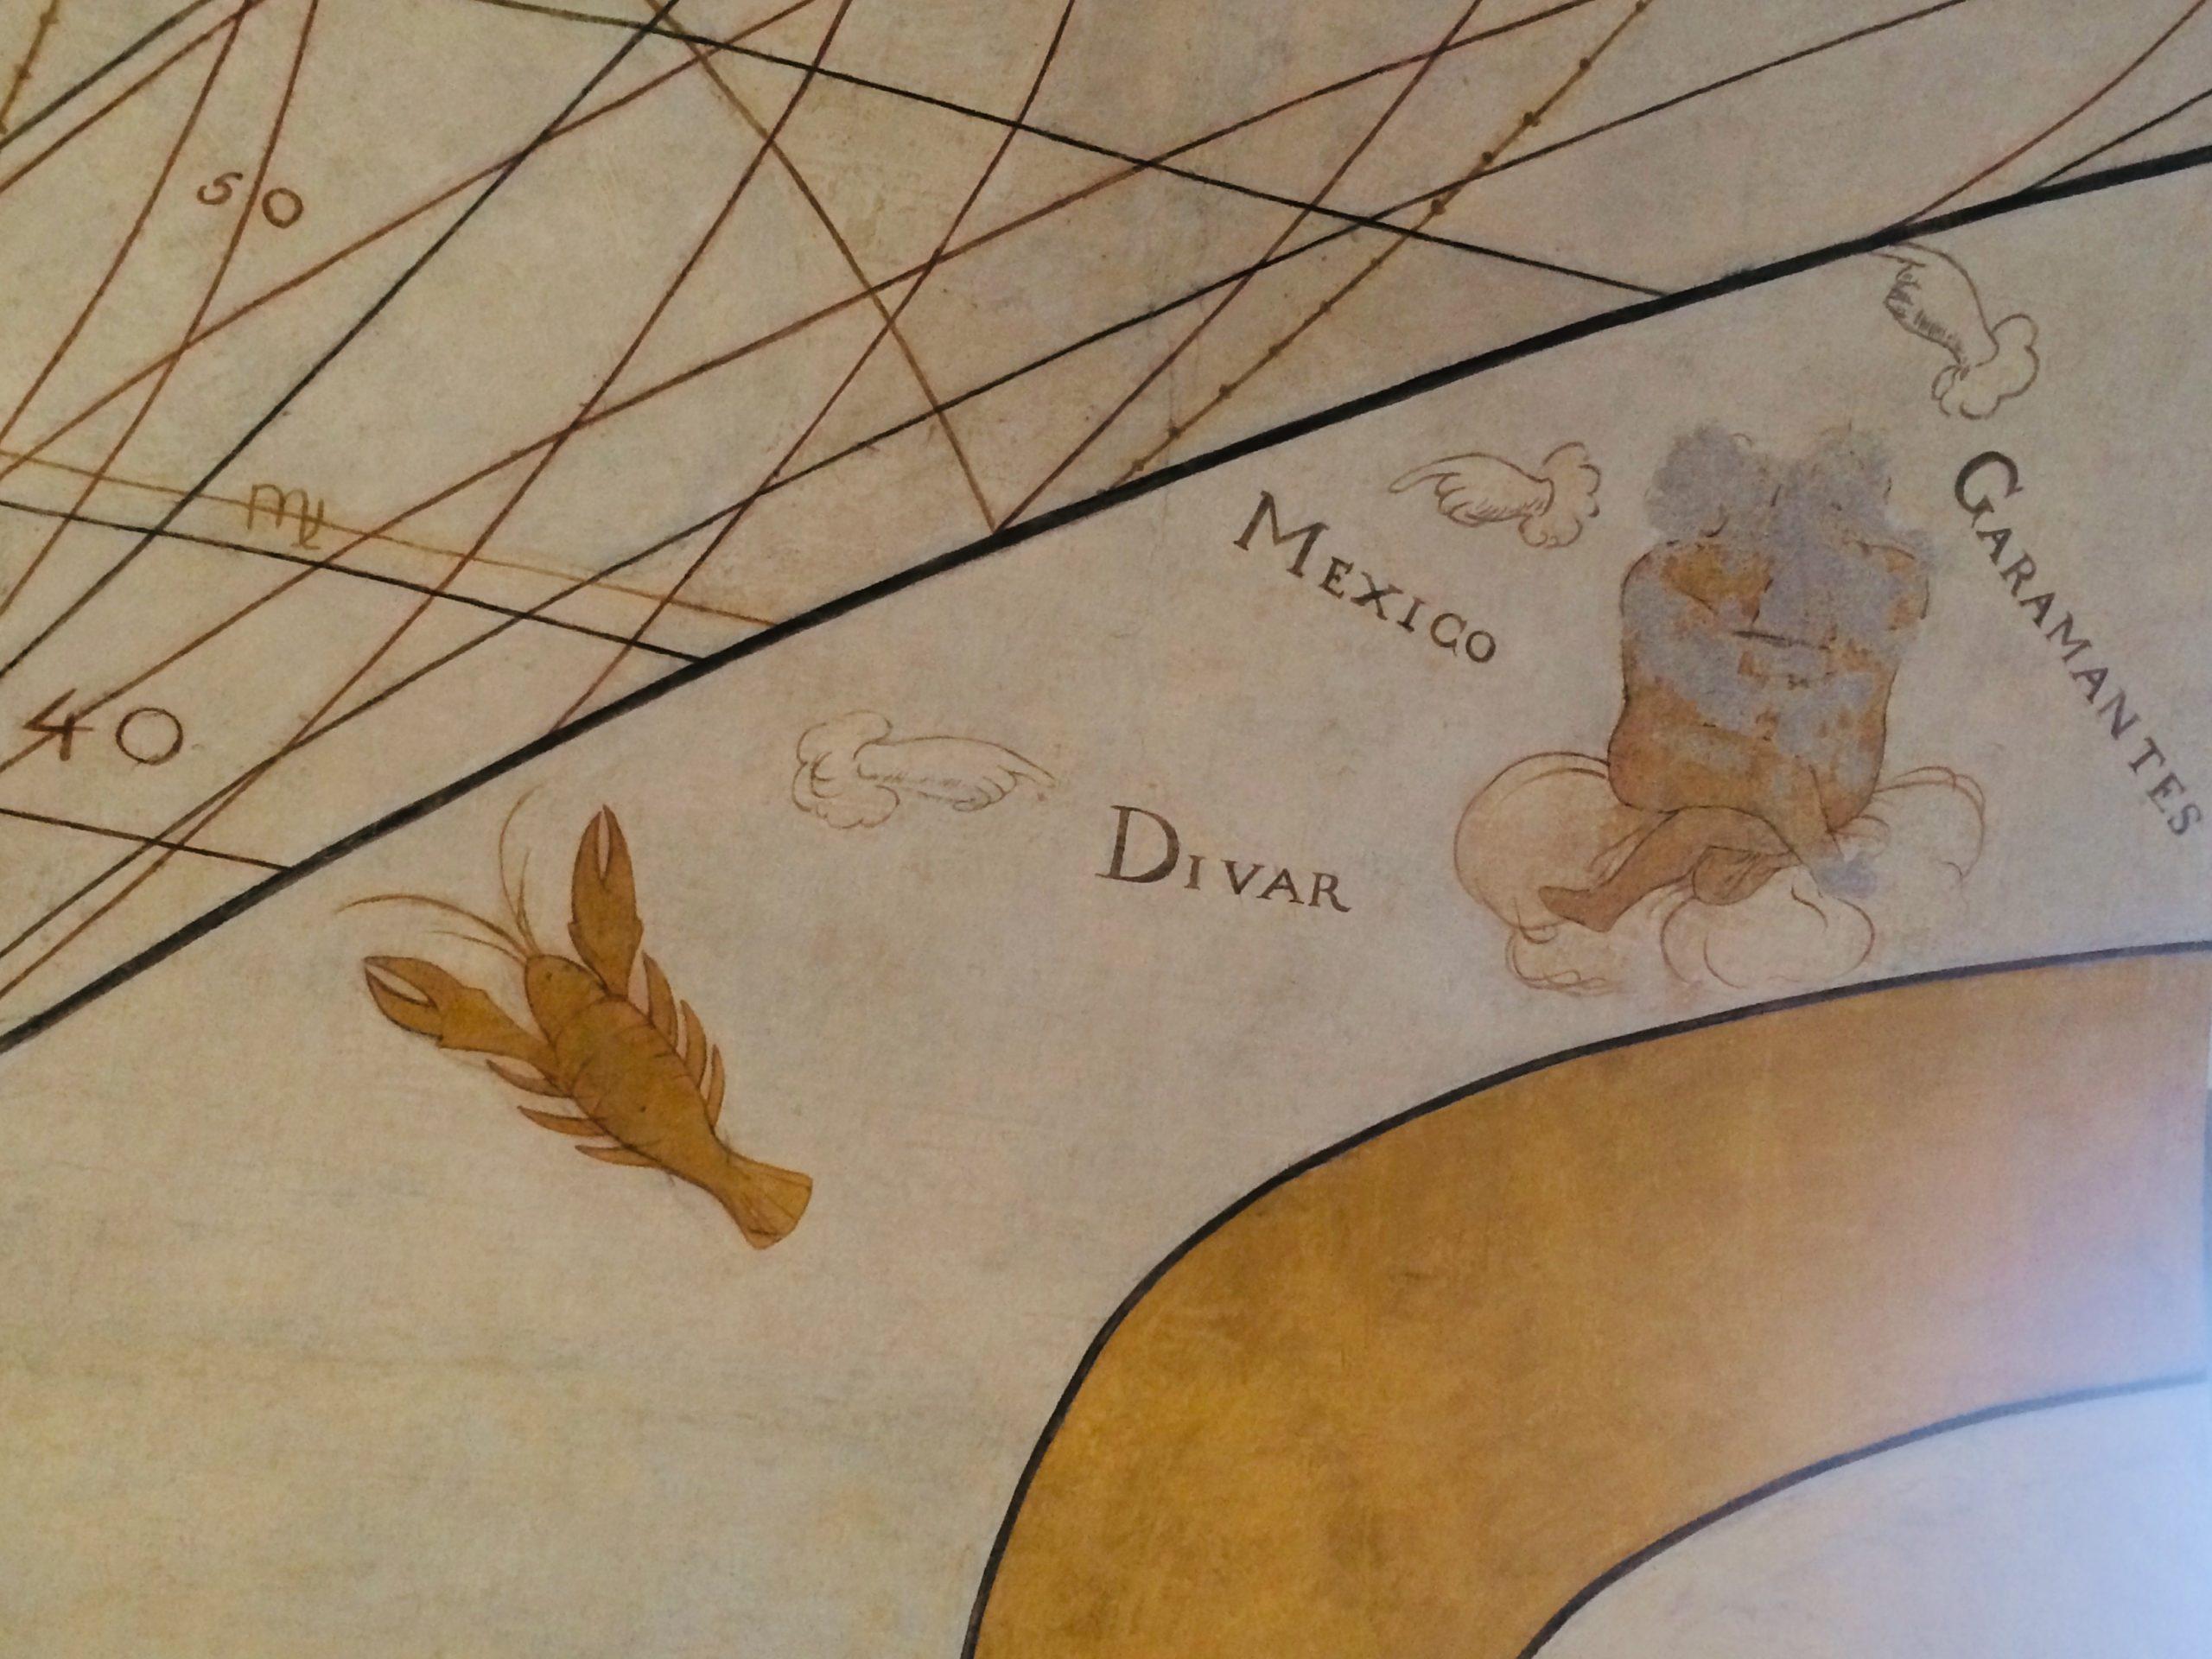 De l'astrologie à la Trinité-des-Monts ?